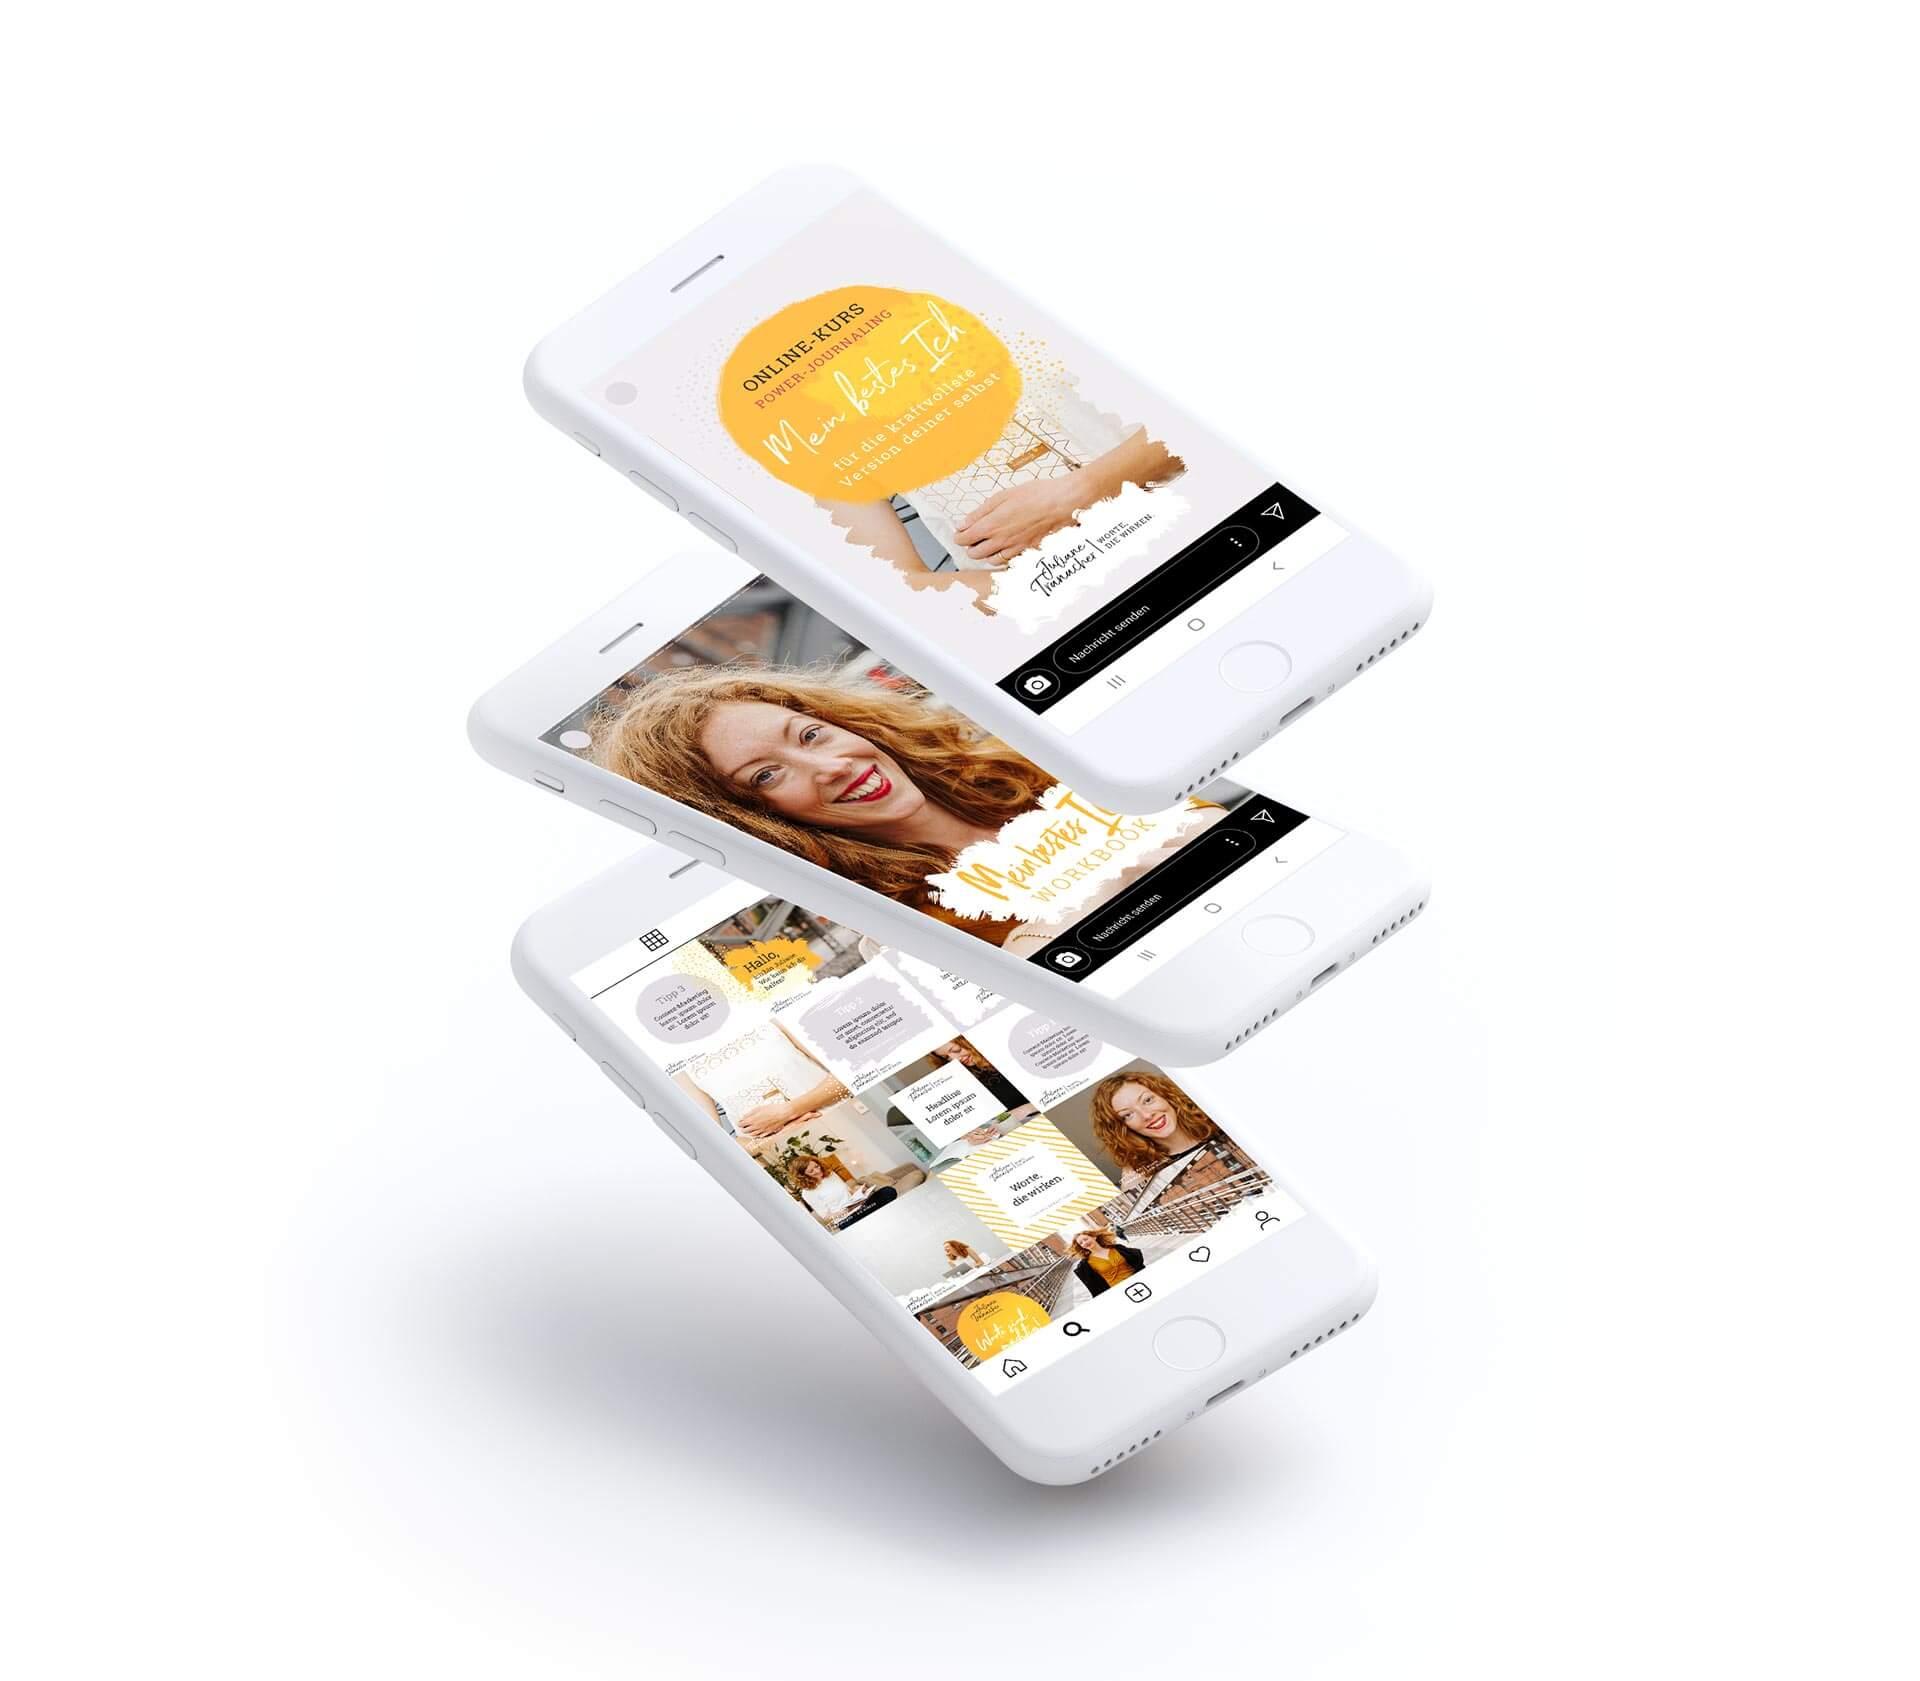 Ein iPhone mit dem neuen Instagram Feed Design für Juliane Tranacher